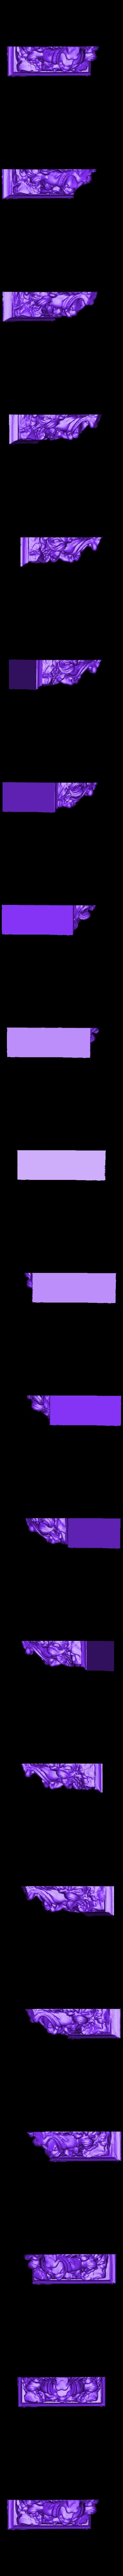 Gargoyle_printable_no_supports_Reduced.stl Télécharger fichier STL gratuit Waddesden Manor Stables Bec verseur d'eau (1800s) • Modèle à imprimer en 3D, tone001